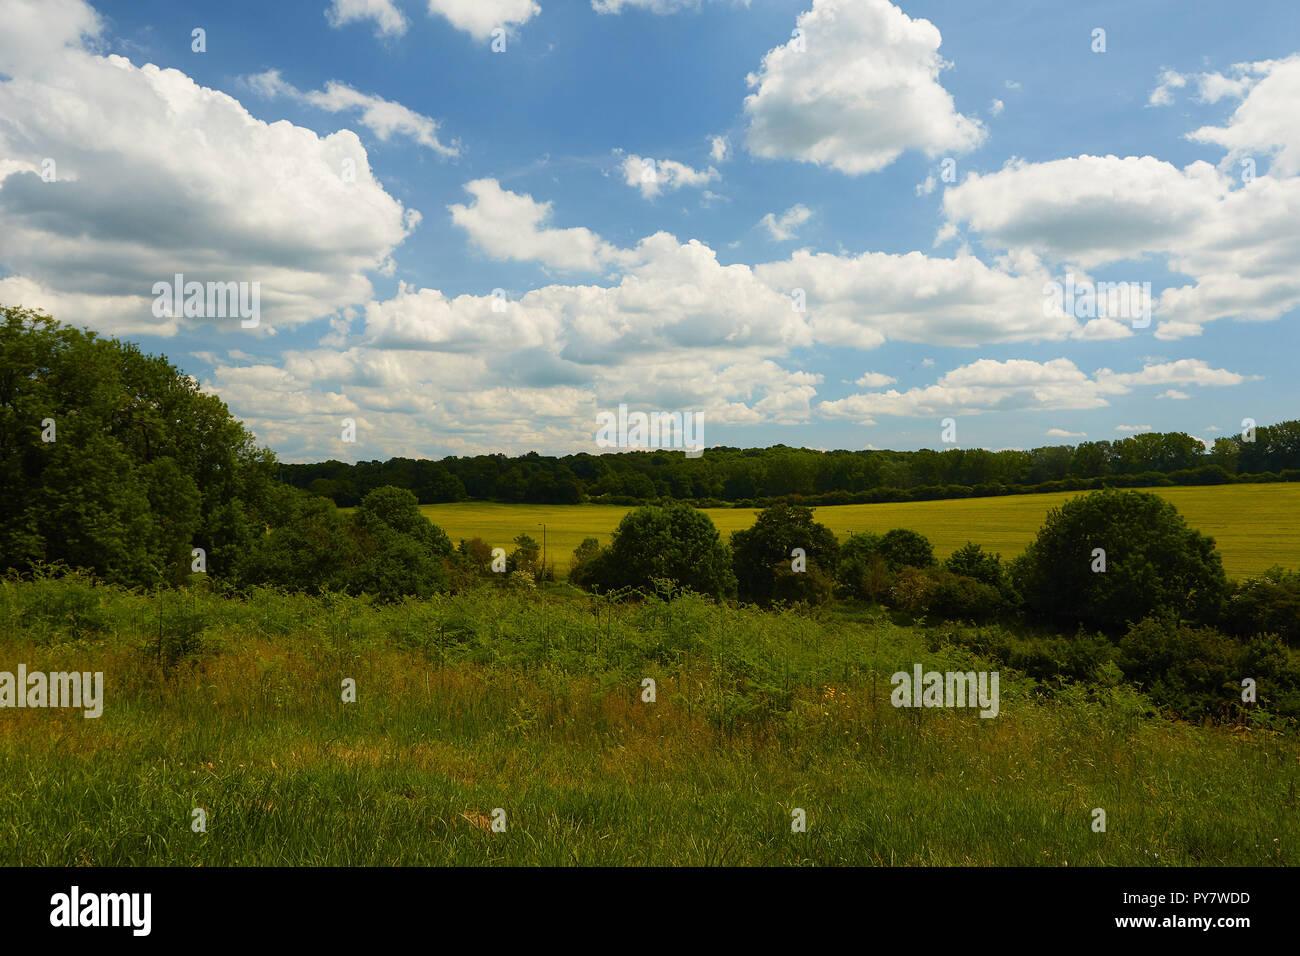 Verdant summer landscape, Croydon, England, United Kingdom, Europe Stock Photo